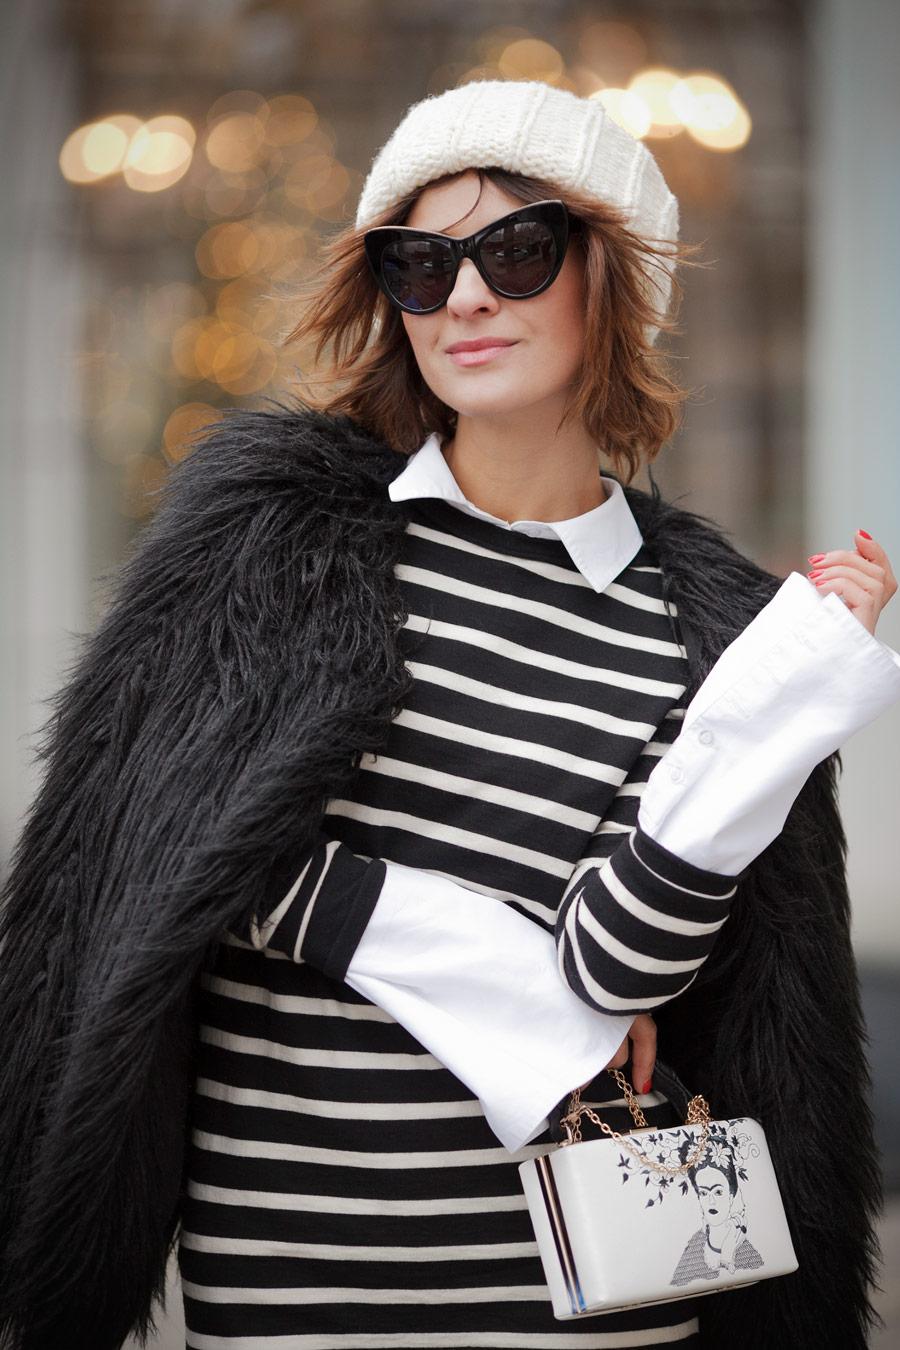 искусственный мех, шуба из искусственного меха, как одеться тепло и стильно, полосатый свитер, Елена Галант,